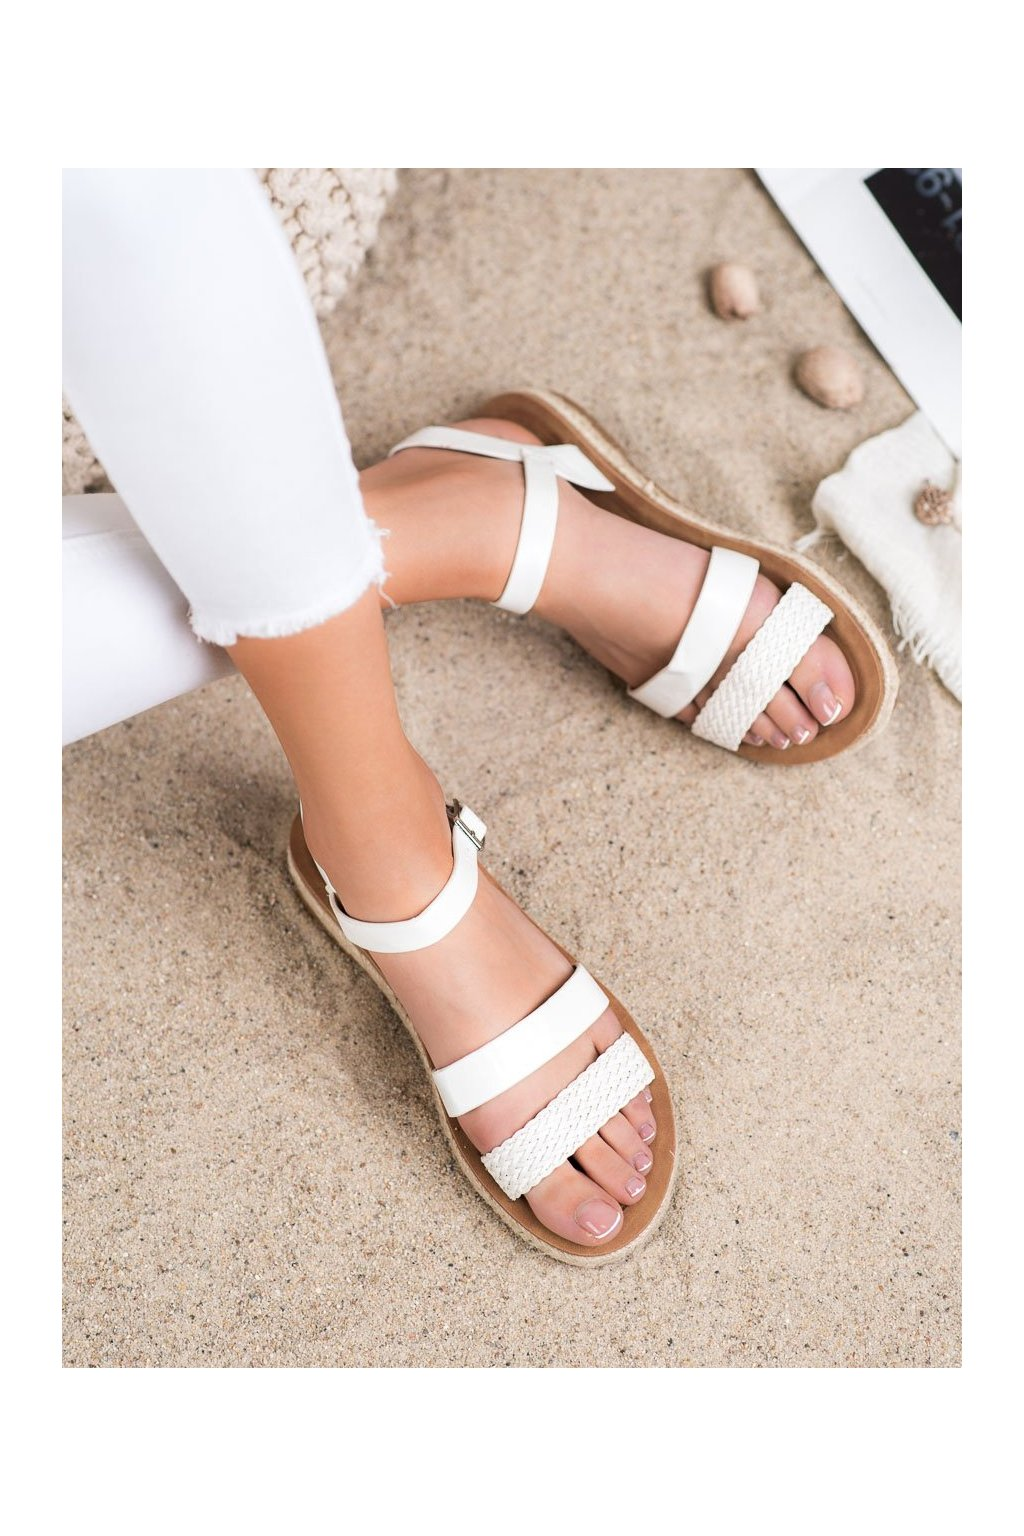 Biele sandále Shelovet kod 712W